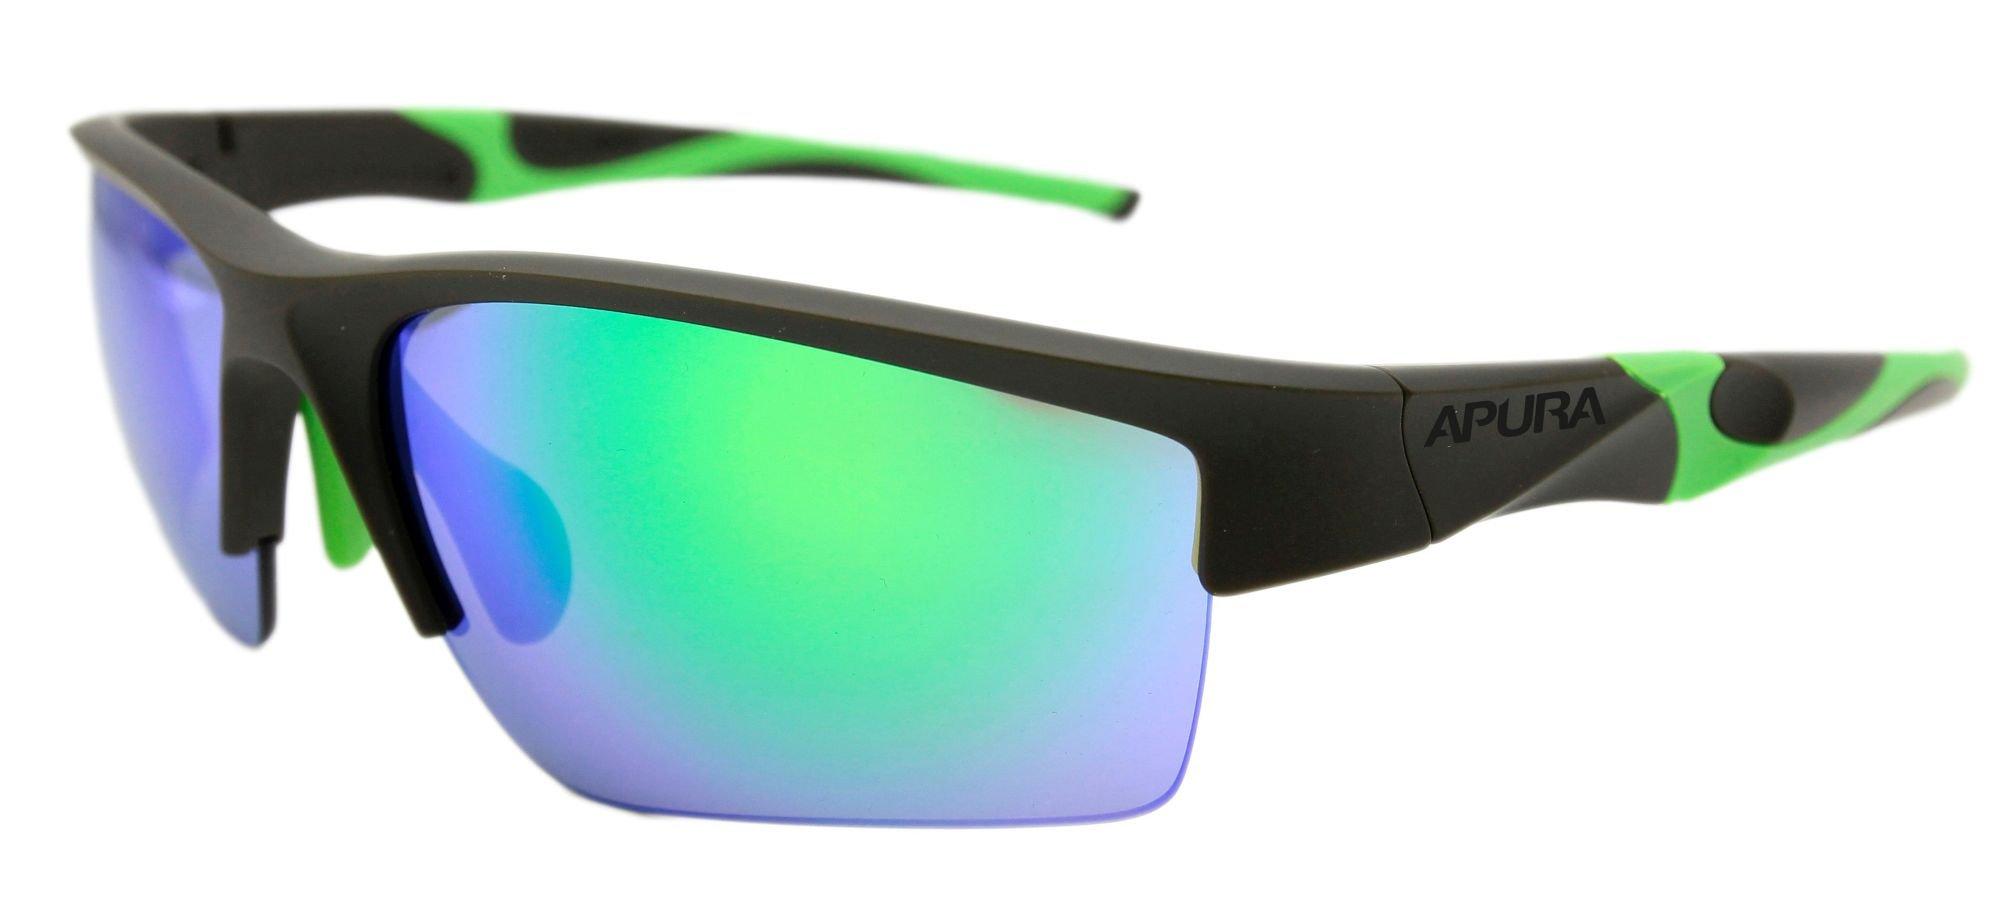 Apura Sonnenbrille IONOSPHERE